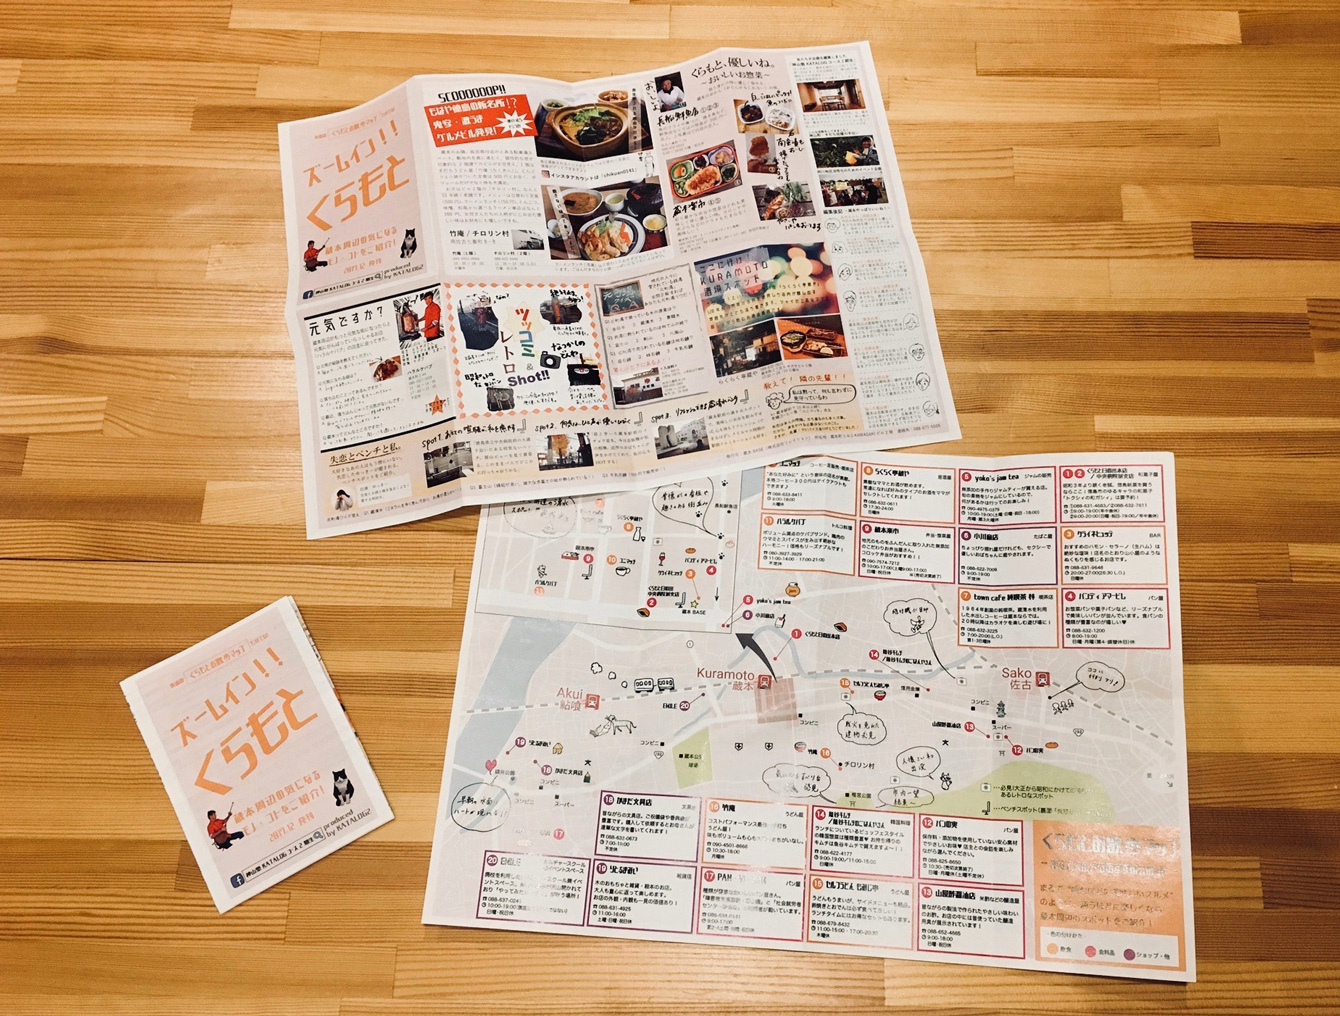 実用的なマップと、塾生のコミカルな企画が合わさった構成。